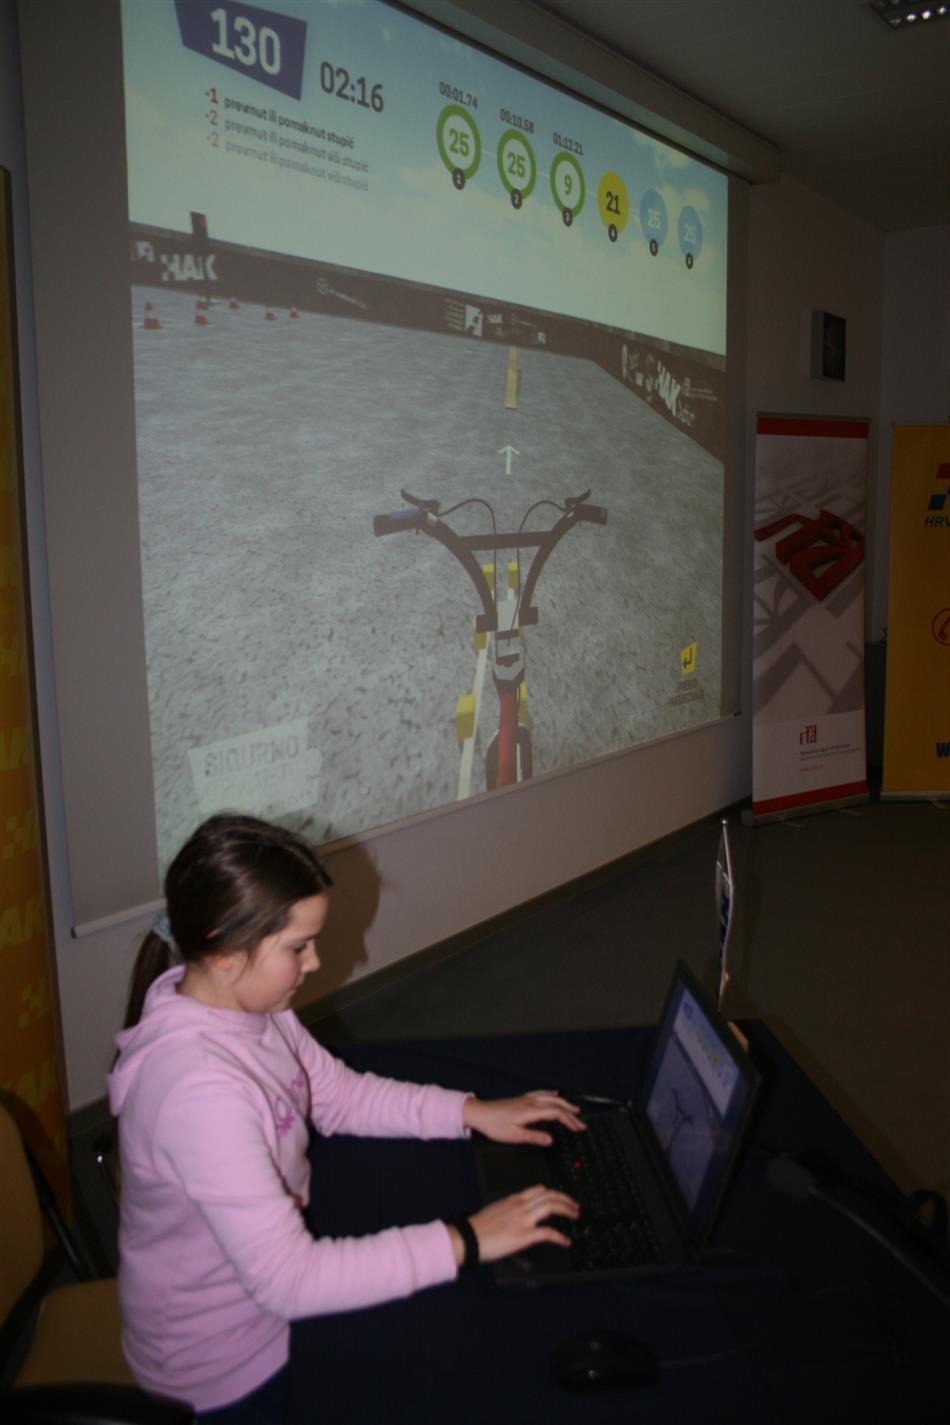 Učenica isprobava novu aplikaciju